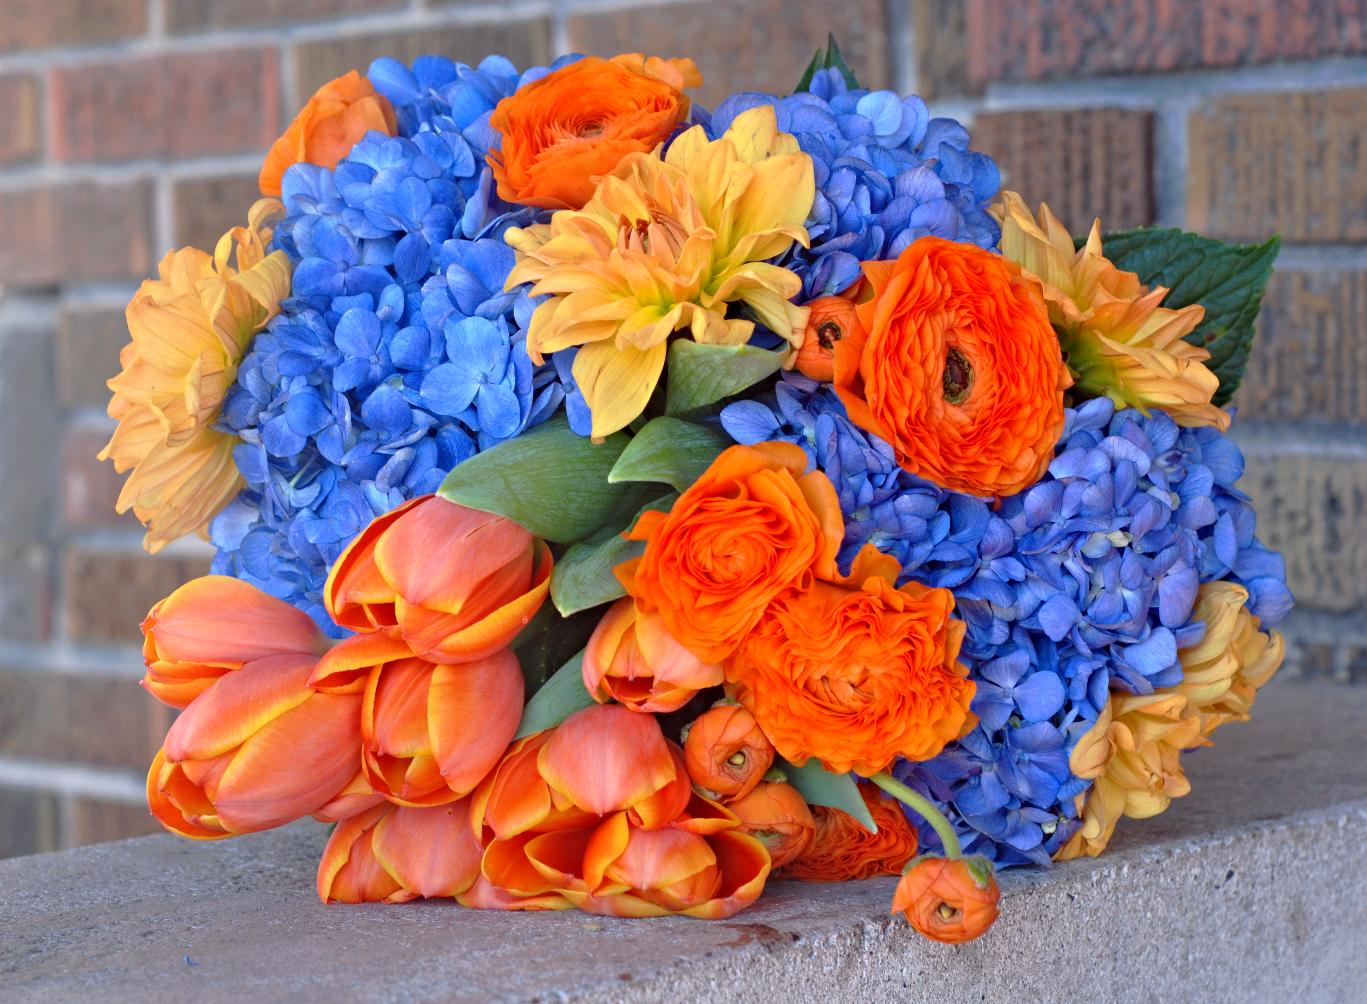 Contrast Bouquet